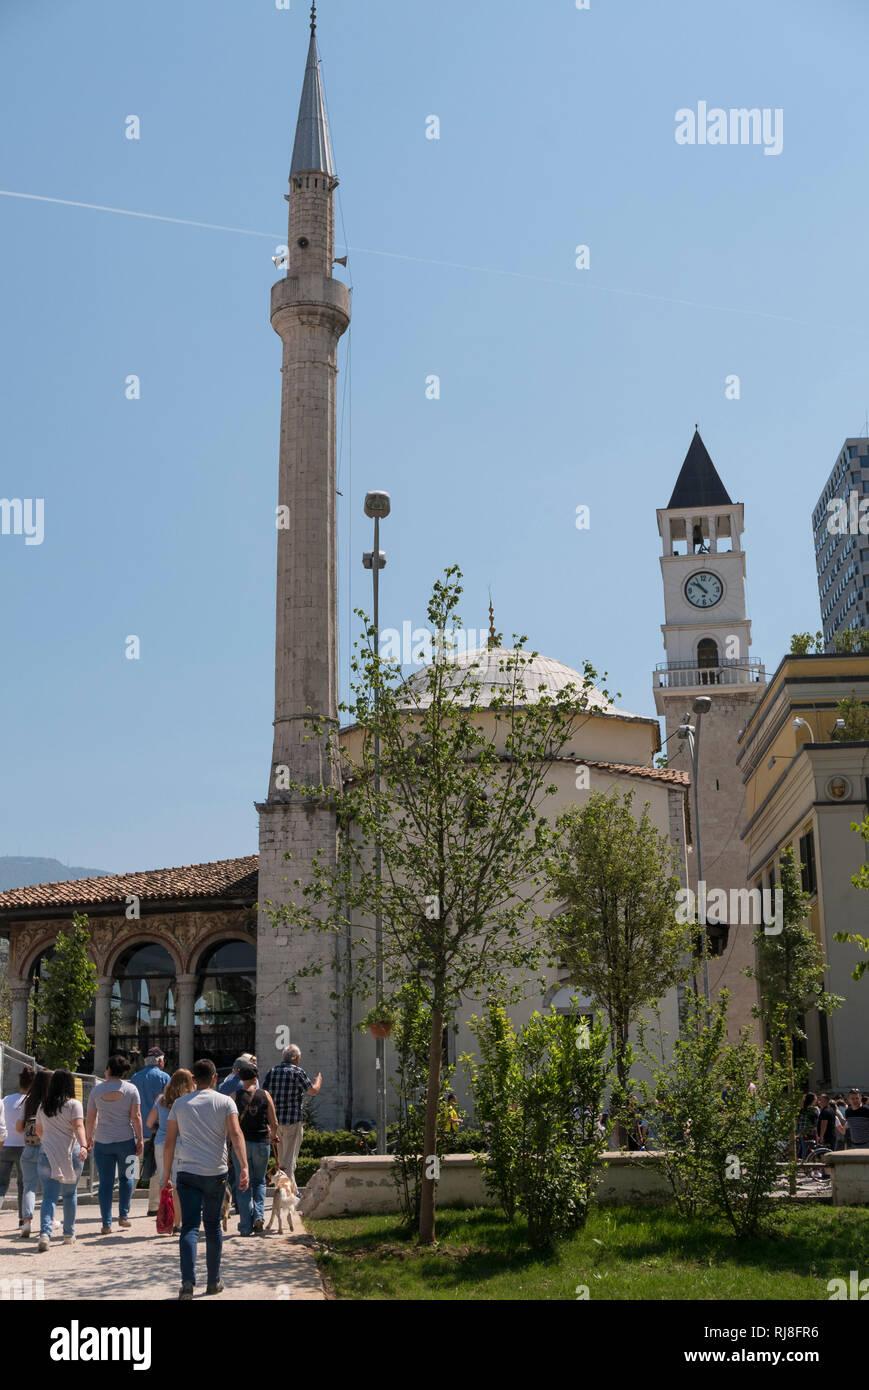 Albanien, Balkanhalbinsel, Südosteuropa, Republik Albanien, Hauptstadt Tirana, Et'hem-Bey-Moschee - Stock Image